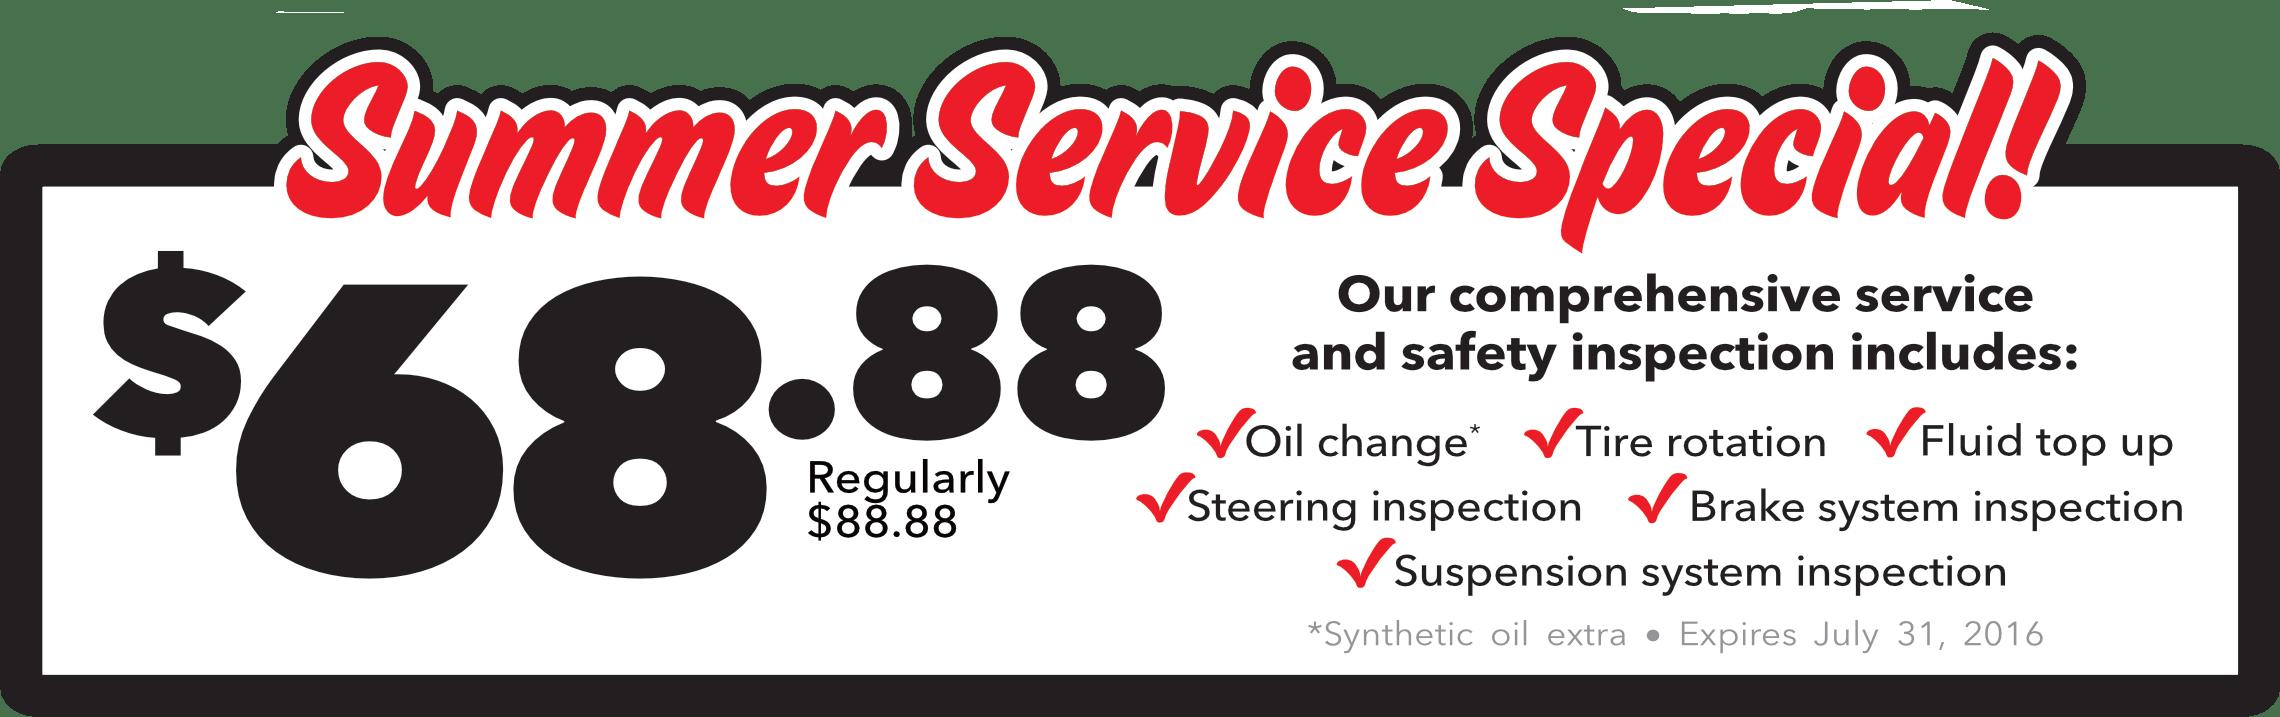 Service Specials Toronto Kia